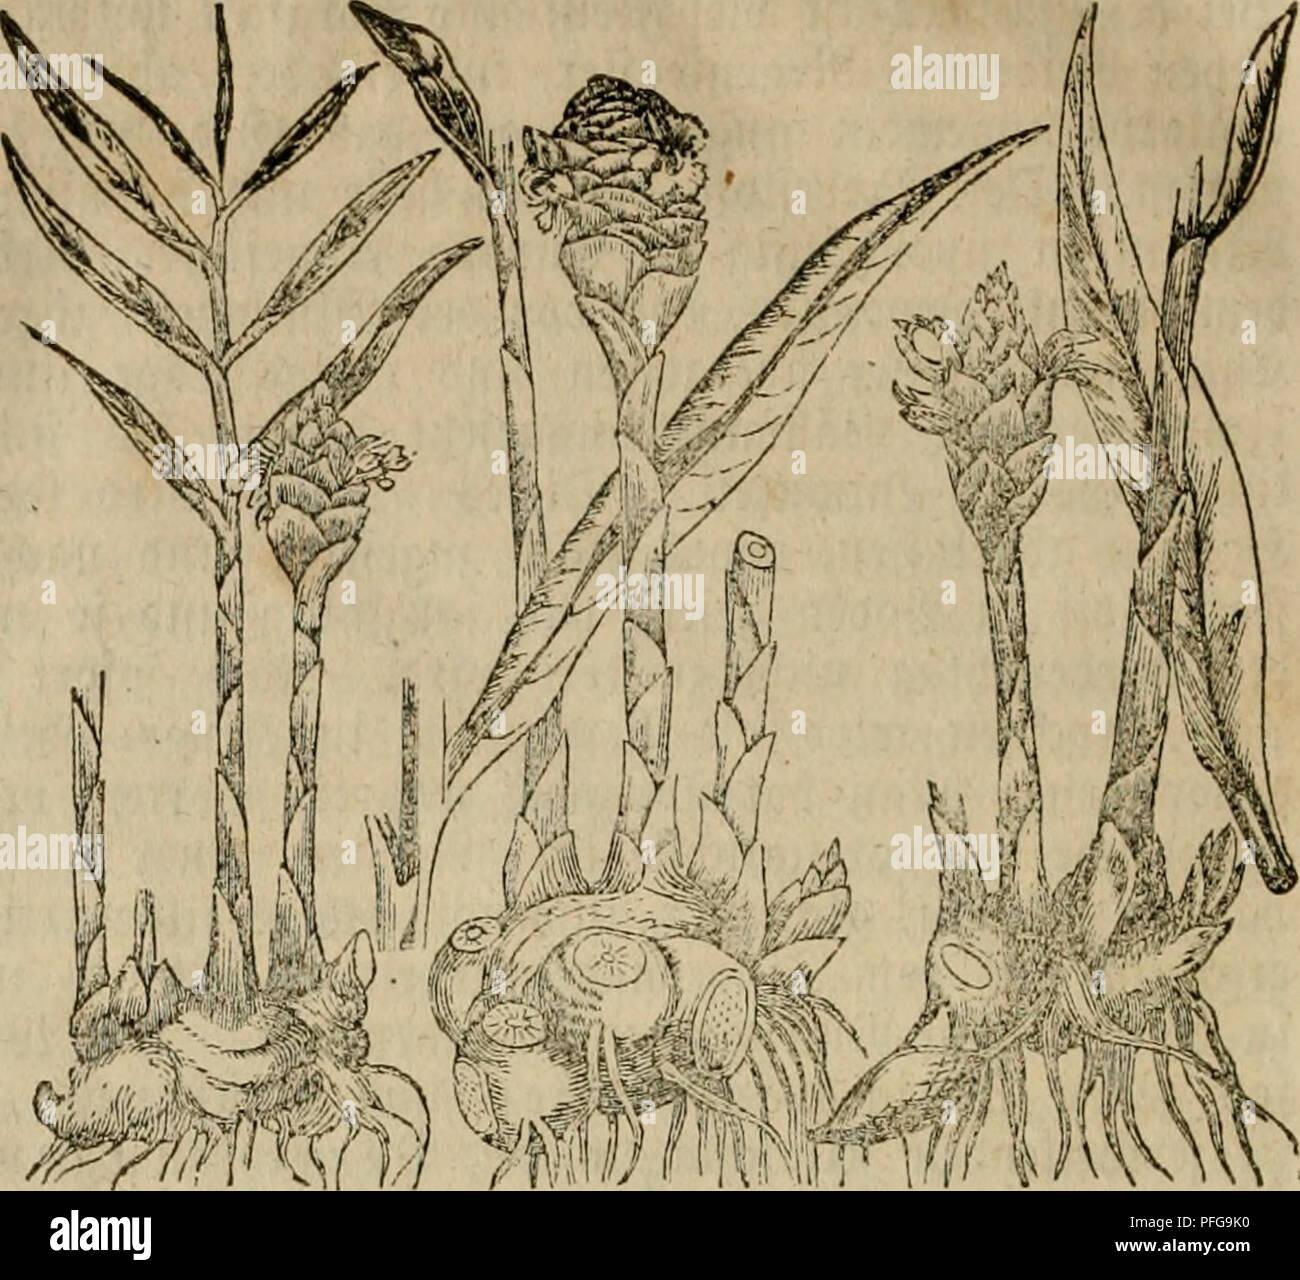 . Das grosse illustrirte Kräuter-Buch : eine ausführliche Beschreibung aller Pflanzen, mit genauer Augabe ihres Gebrauchs, Nutzens und ihrer Wirkung in der Arzneikunde. Medicinal plants; Materia medica, Vegetable; Herbs. 276 3nfulflttct ^tinc — 3o^rtn!ti«^Jto^.. im 3 n g »x> e r. laip^iger SBetfrone; btcifad^erifict' f[eifd)igev ^a^fcl 5Htcu: ®c = iräuc^lici^cT ^itön^er (Z. of- ficinale), {%i(. 4), mit ftto% gcficbettcin, tricc^eiibcm, jufammen^ gebrütftcnt, fhiöcrSbicfcm, au^cn grauem, innen lüci^cm 3Surjelftcc!c, lanacn Sßnrjelfafern; cin]äl)ri(cn, fal)len, 3-4 %u^ ^ot)cn 23Idttcr^ ftcn - Stock Image